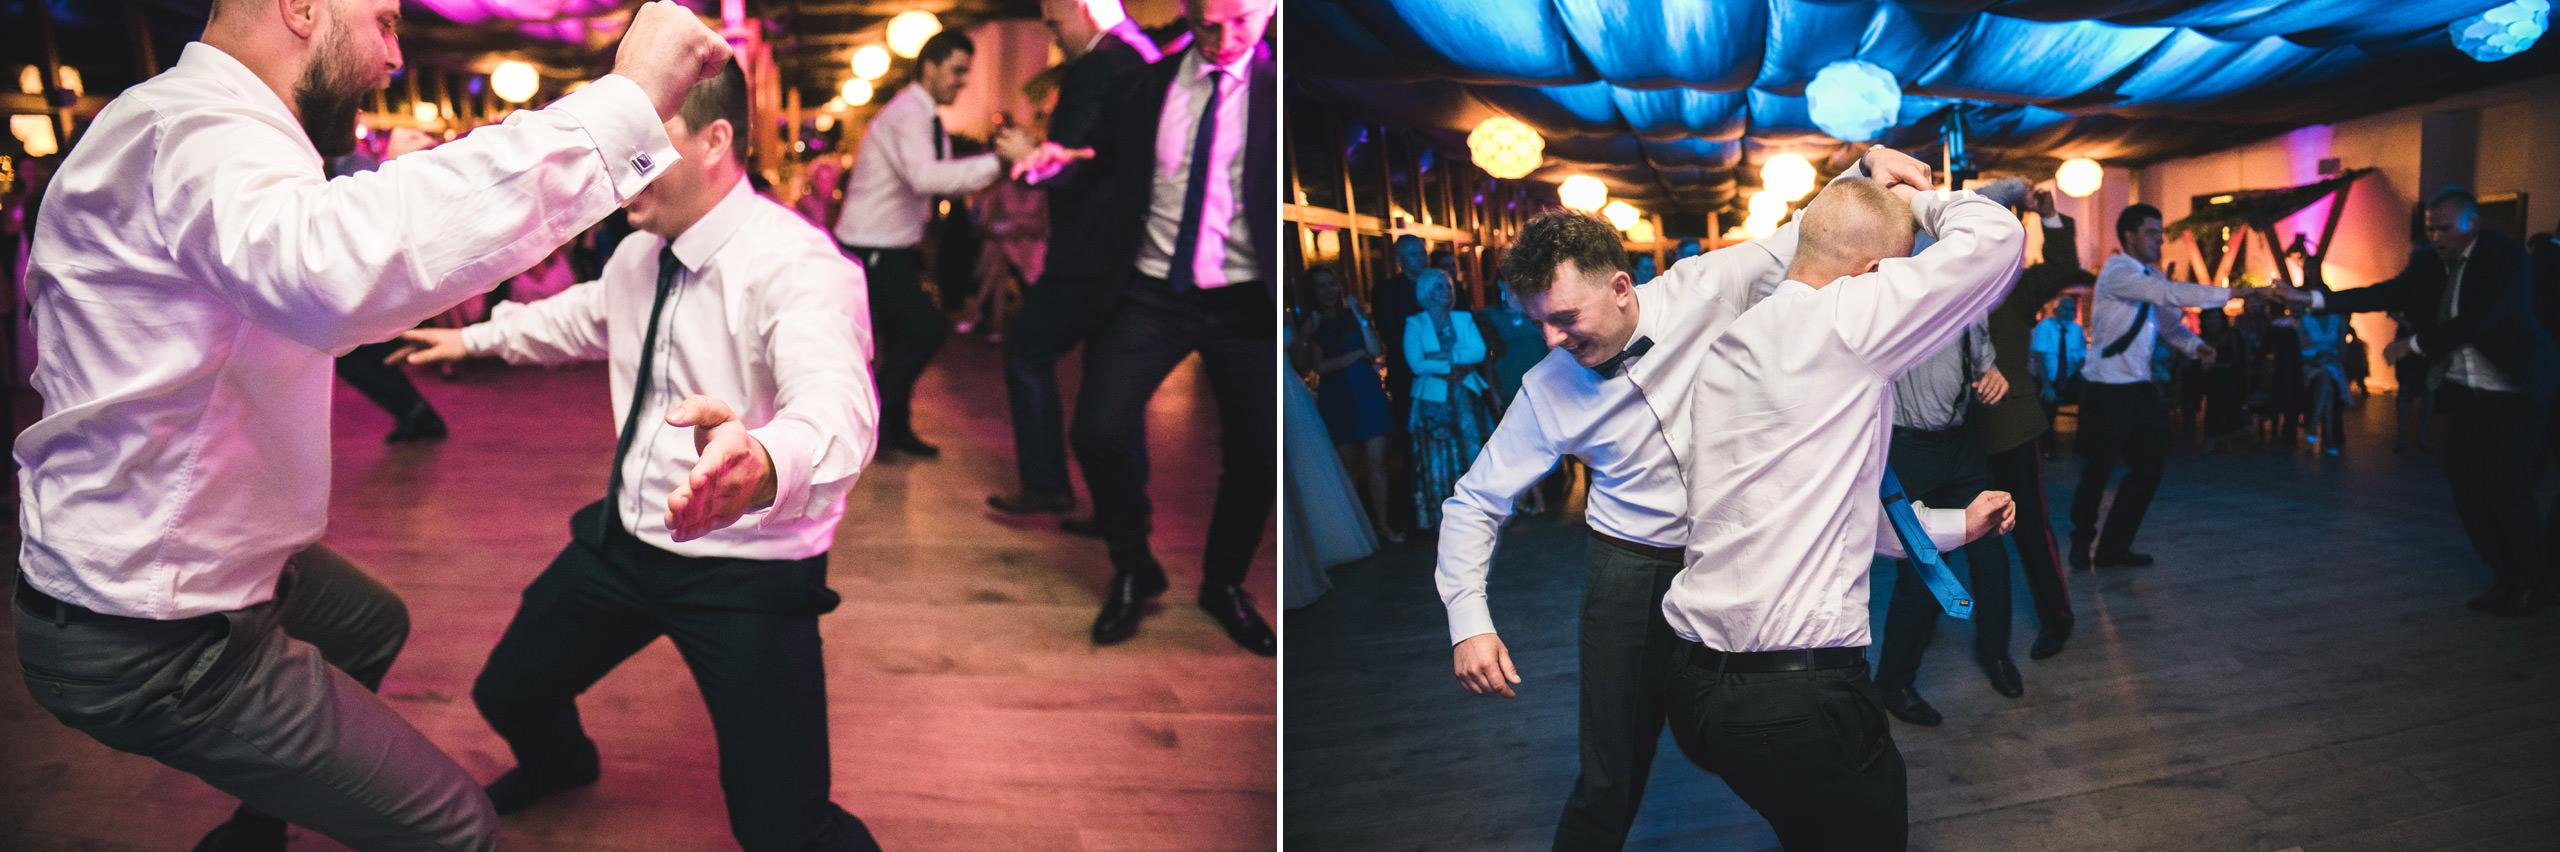 fotograf slubny warszawa 081 oczepiny zacisze anny korcz wesele